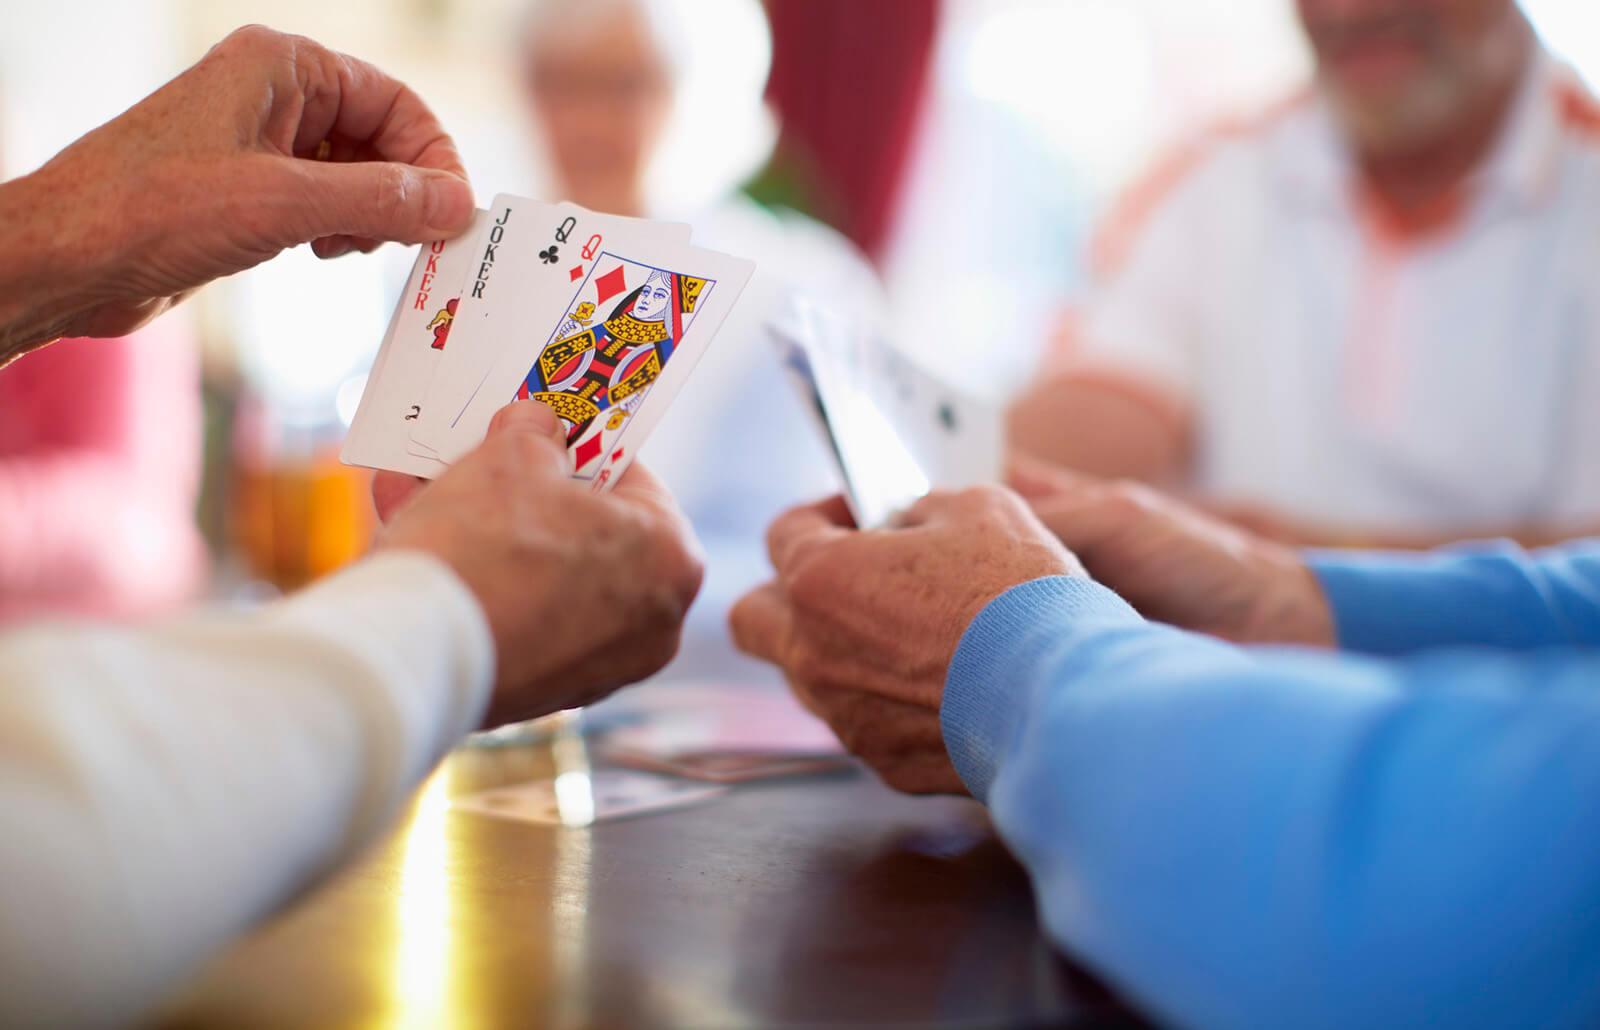 juegos-adaptables-actividades-personas-mayores.jpg